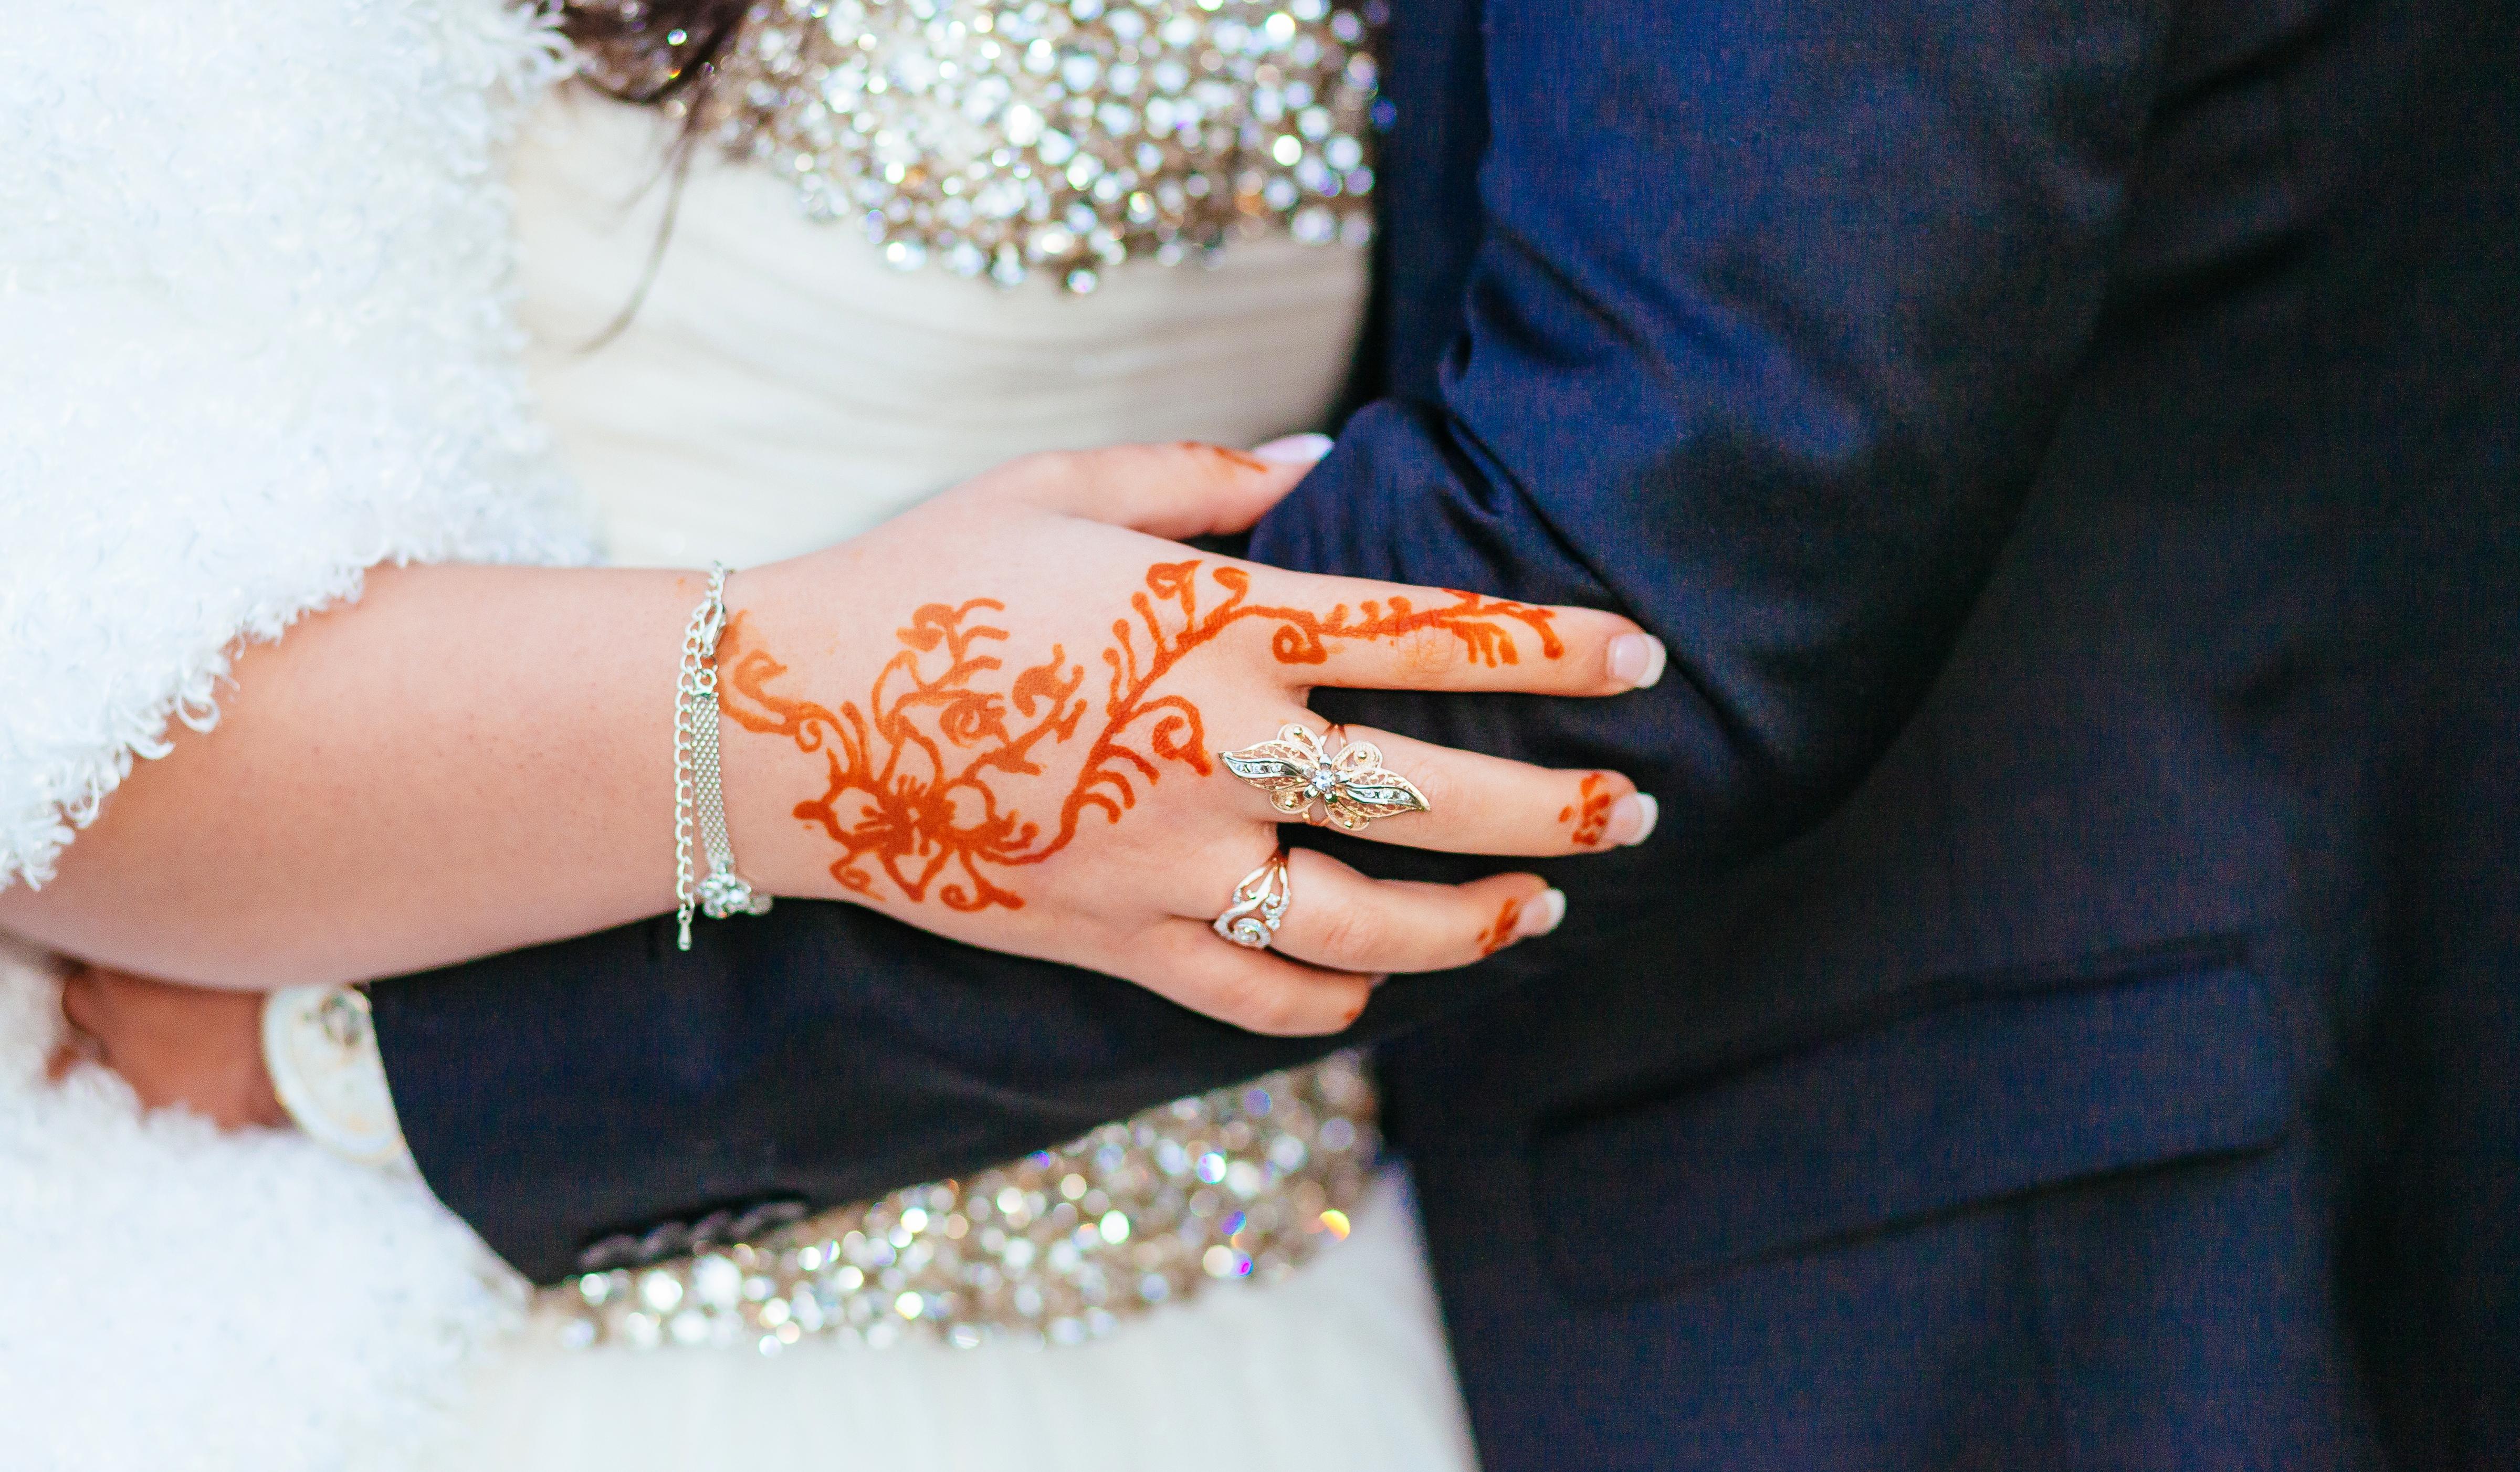 طقس وضع الحناء للعروس بمثابة حفل لتوديع العزوبية -  المصدر موقع Envato